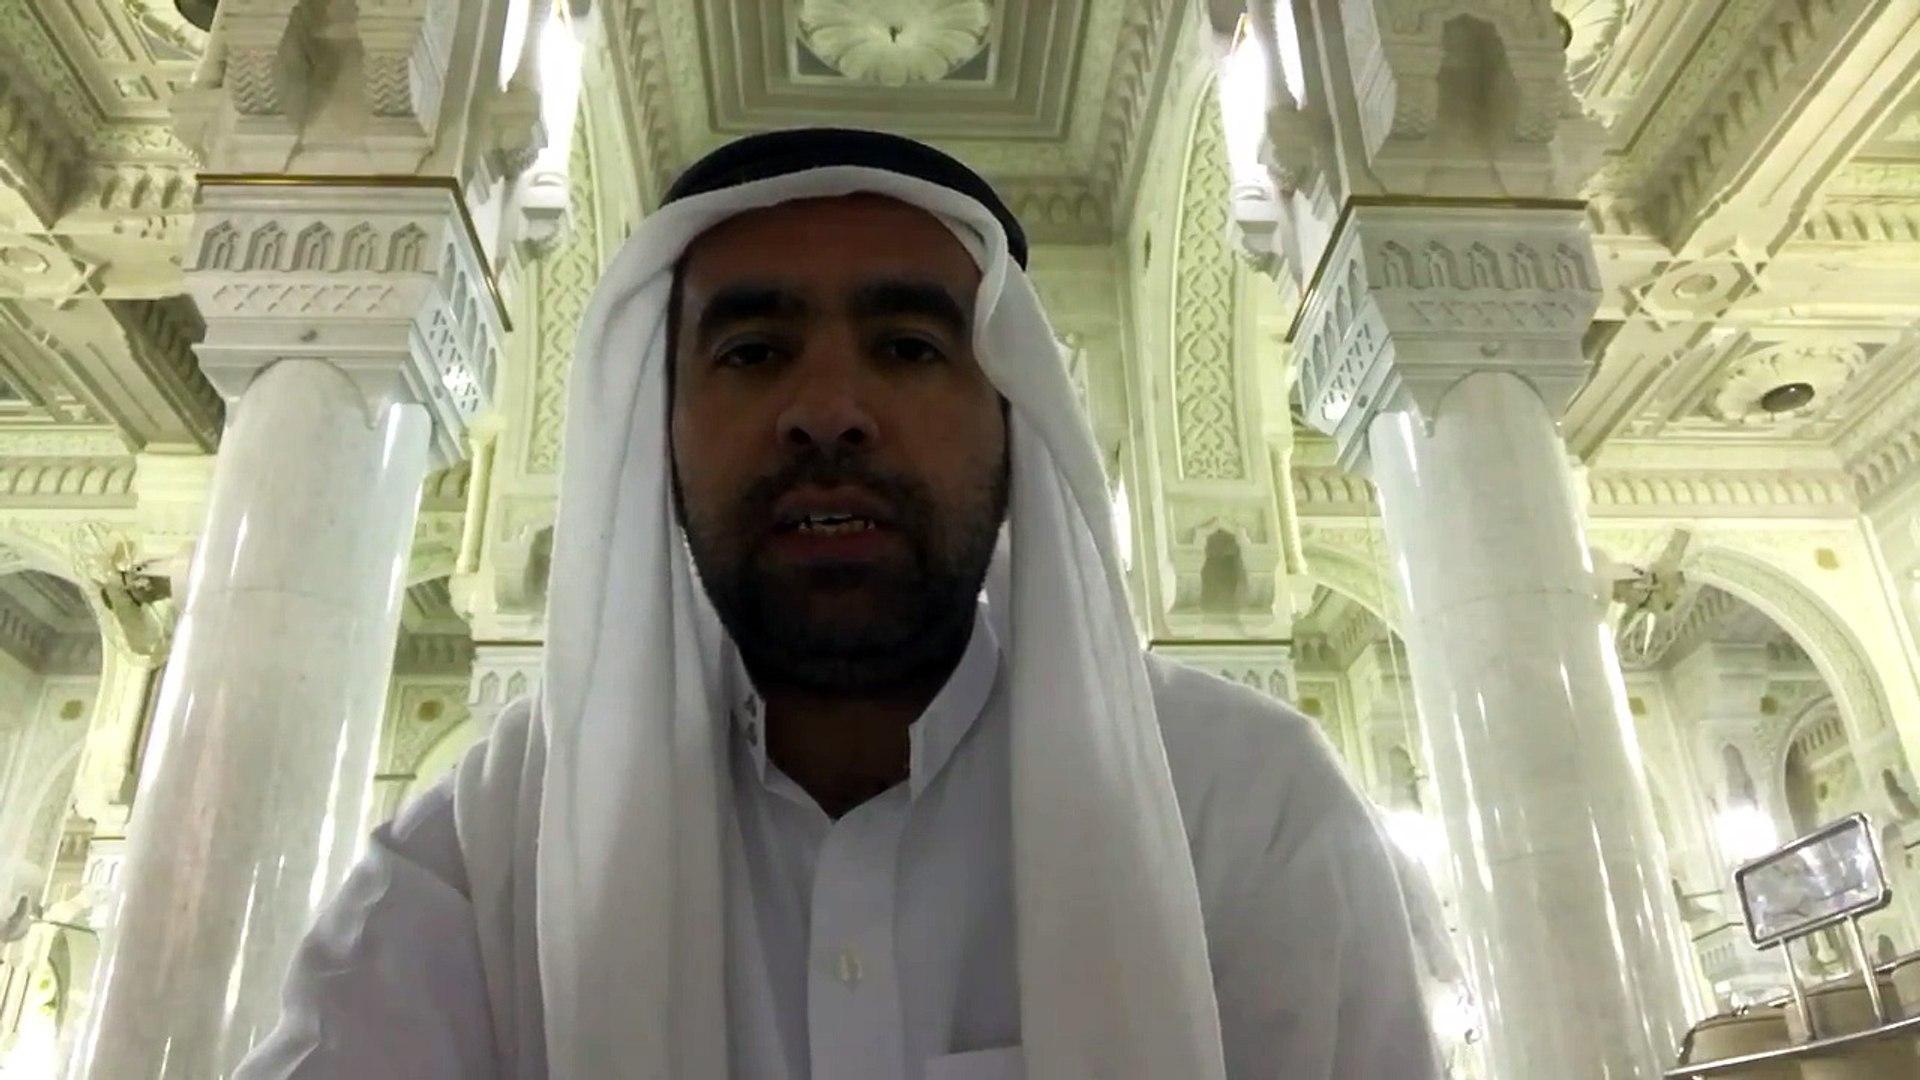 Tin suresi. Hafiz Metin Demirtas. Arap makami Kuran tilaveti. KIRAAT SÜPER ARAP MAKAMI COK GÜZEL KIR